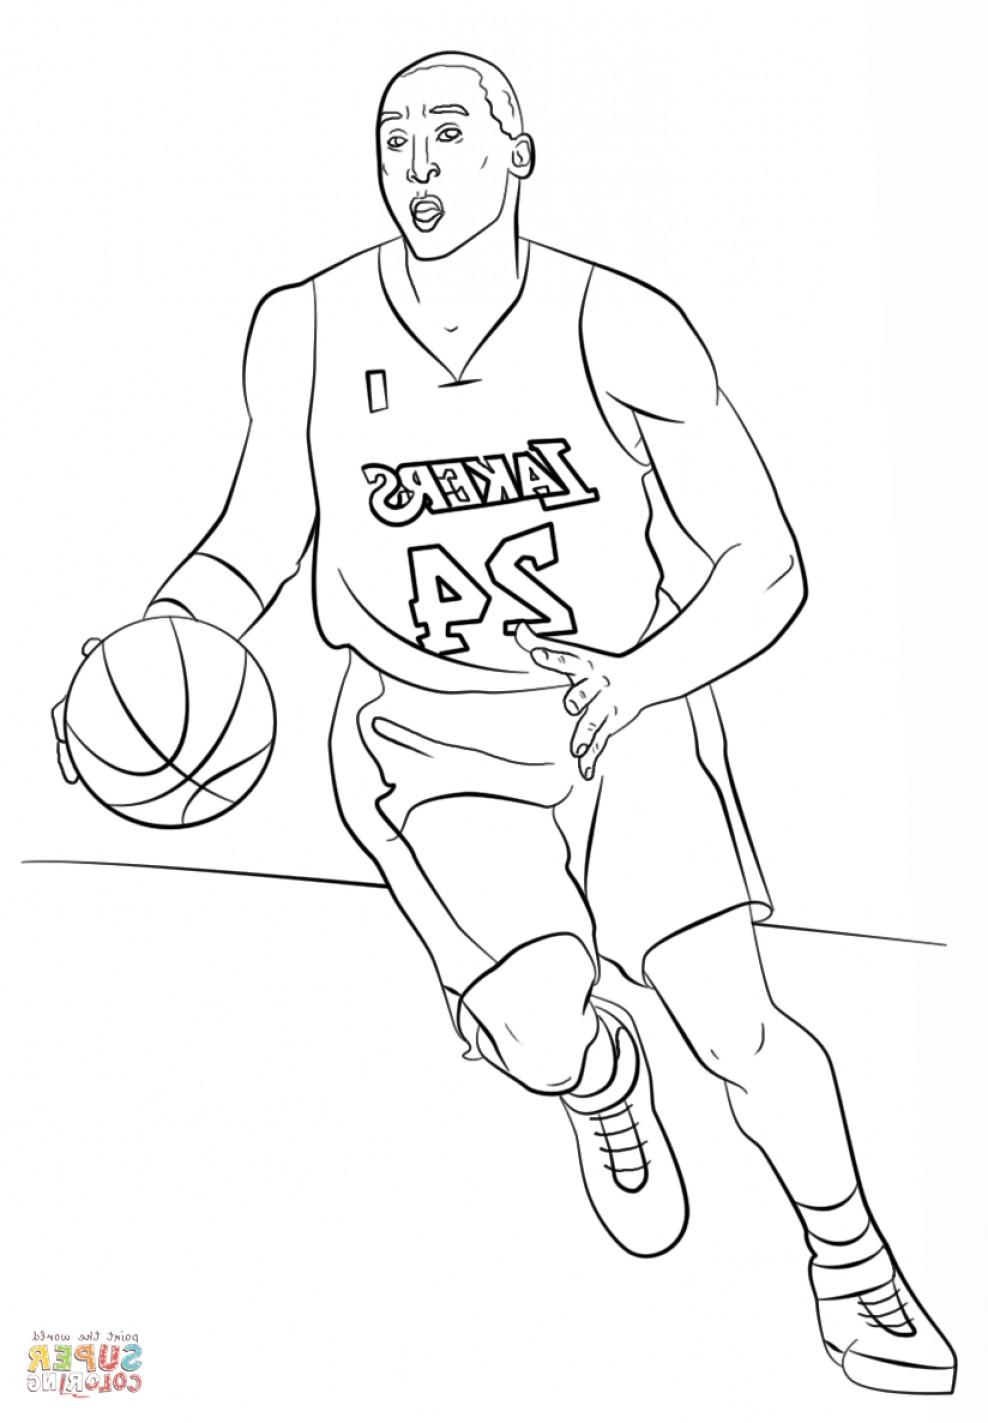 michael jordan coloring pages at getcolorings free